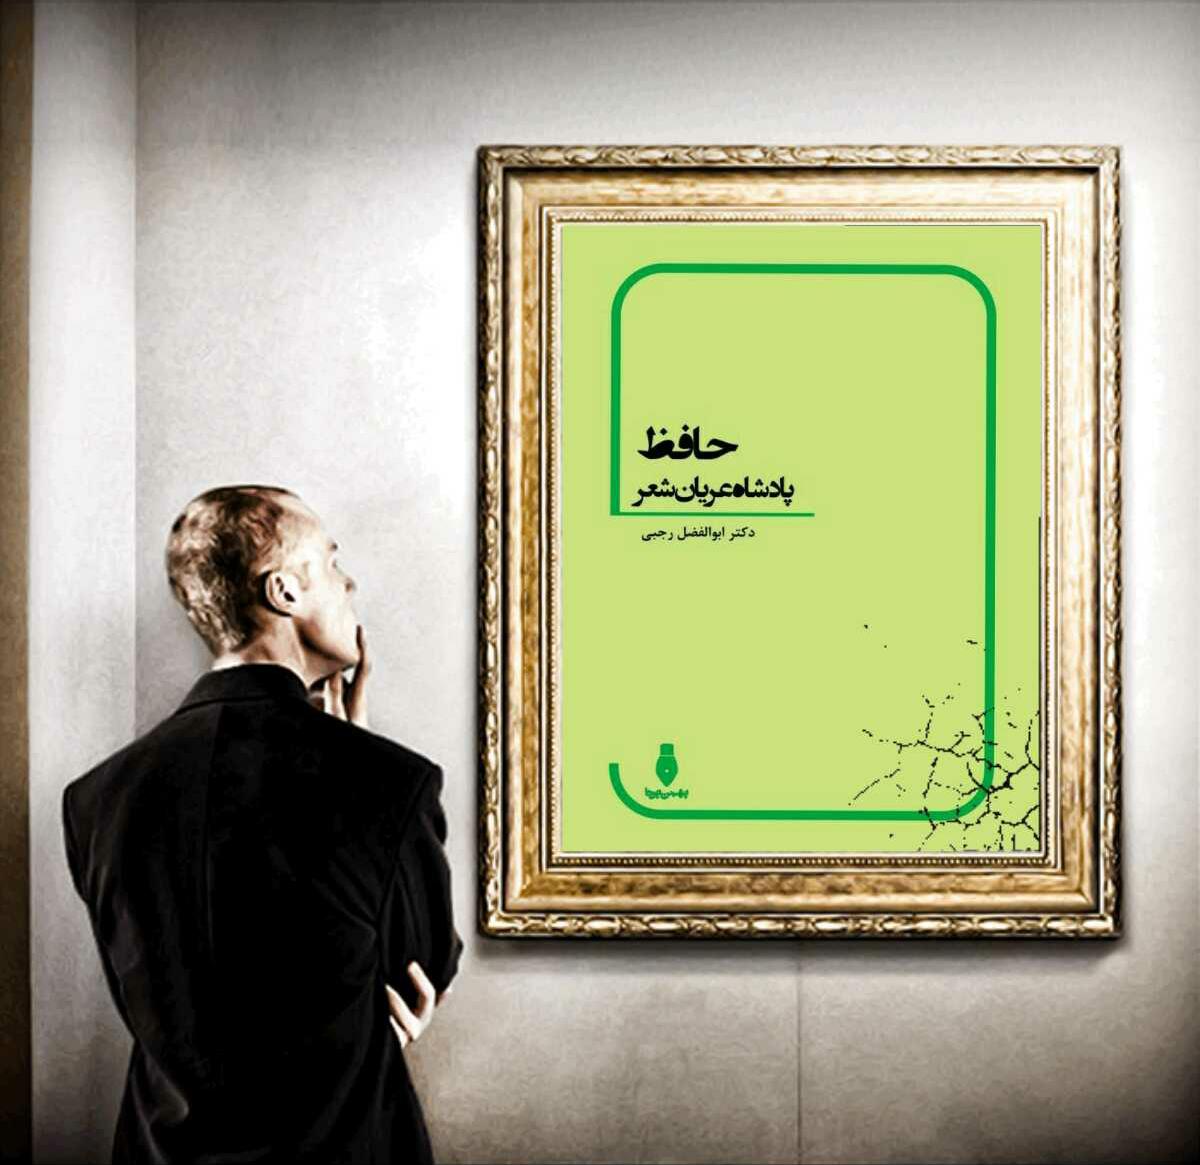 پرده سوم: افسانهسازی، افسانه سوم: انتقاد شاه شجاع از شعر حافظ (بخش اول)